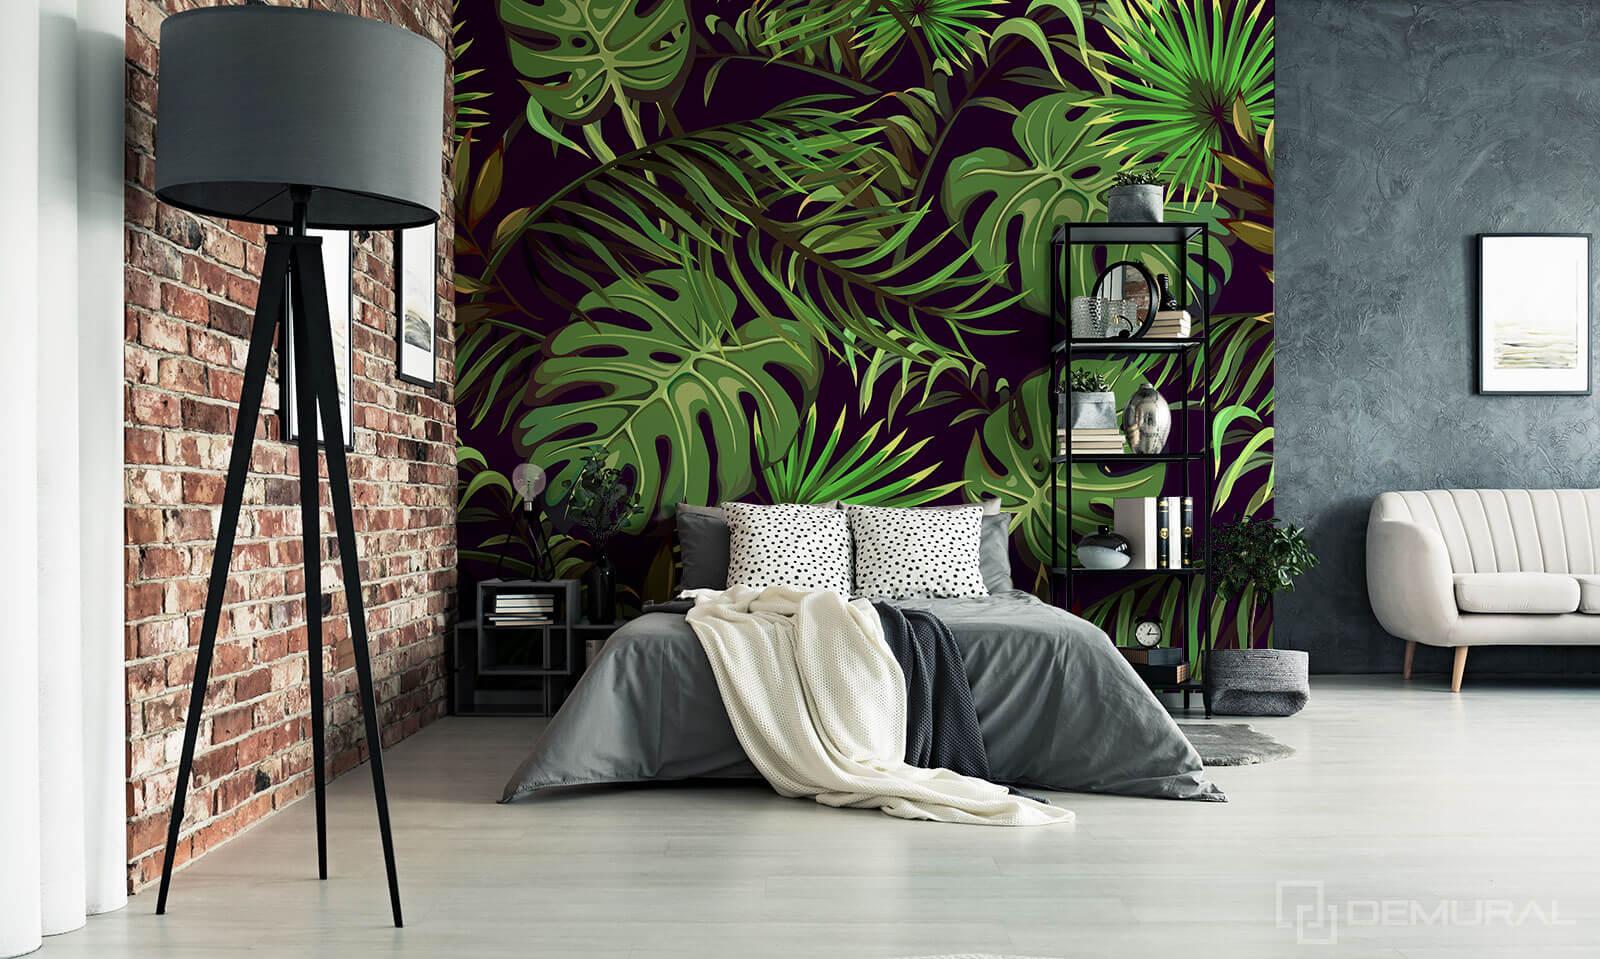 Photo wallpaper secret Garden - Photo wallpaper in tropical leaves - Demural